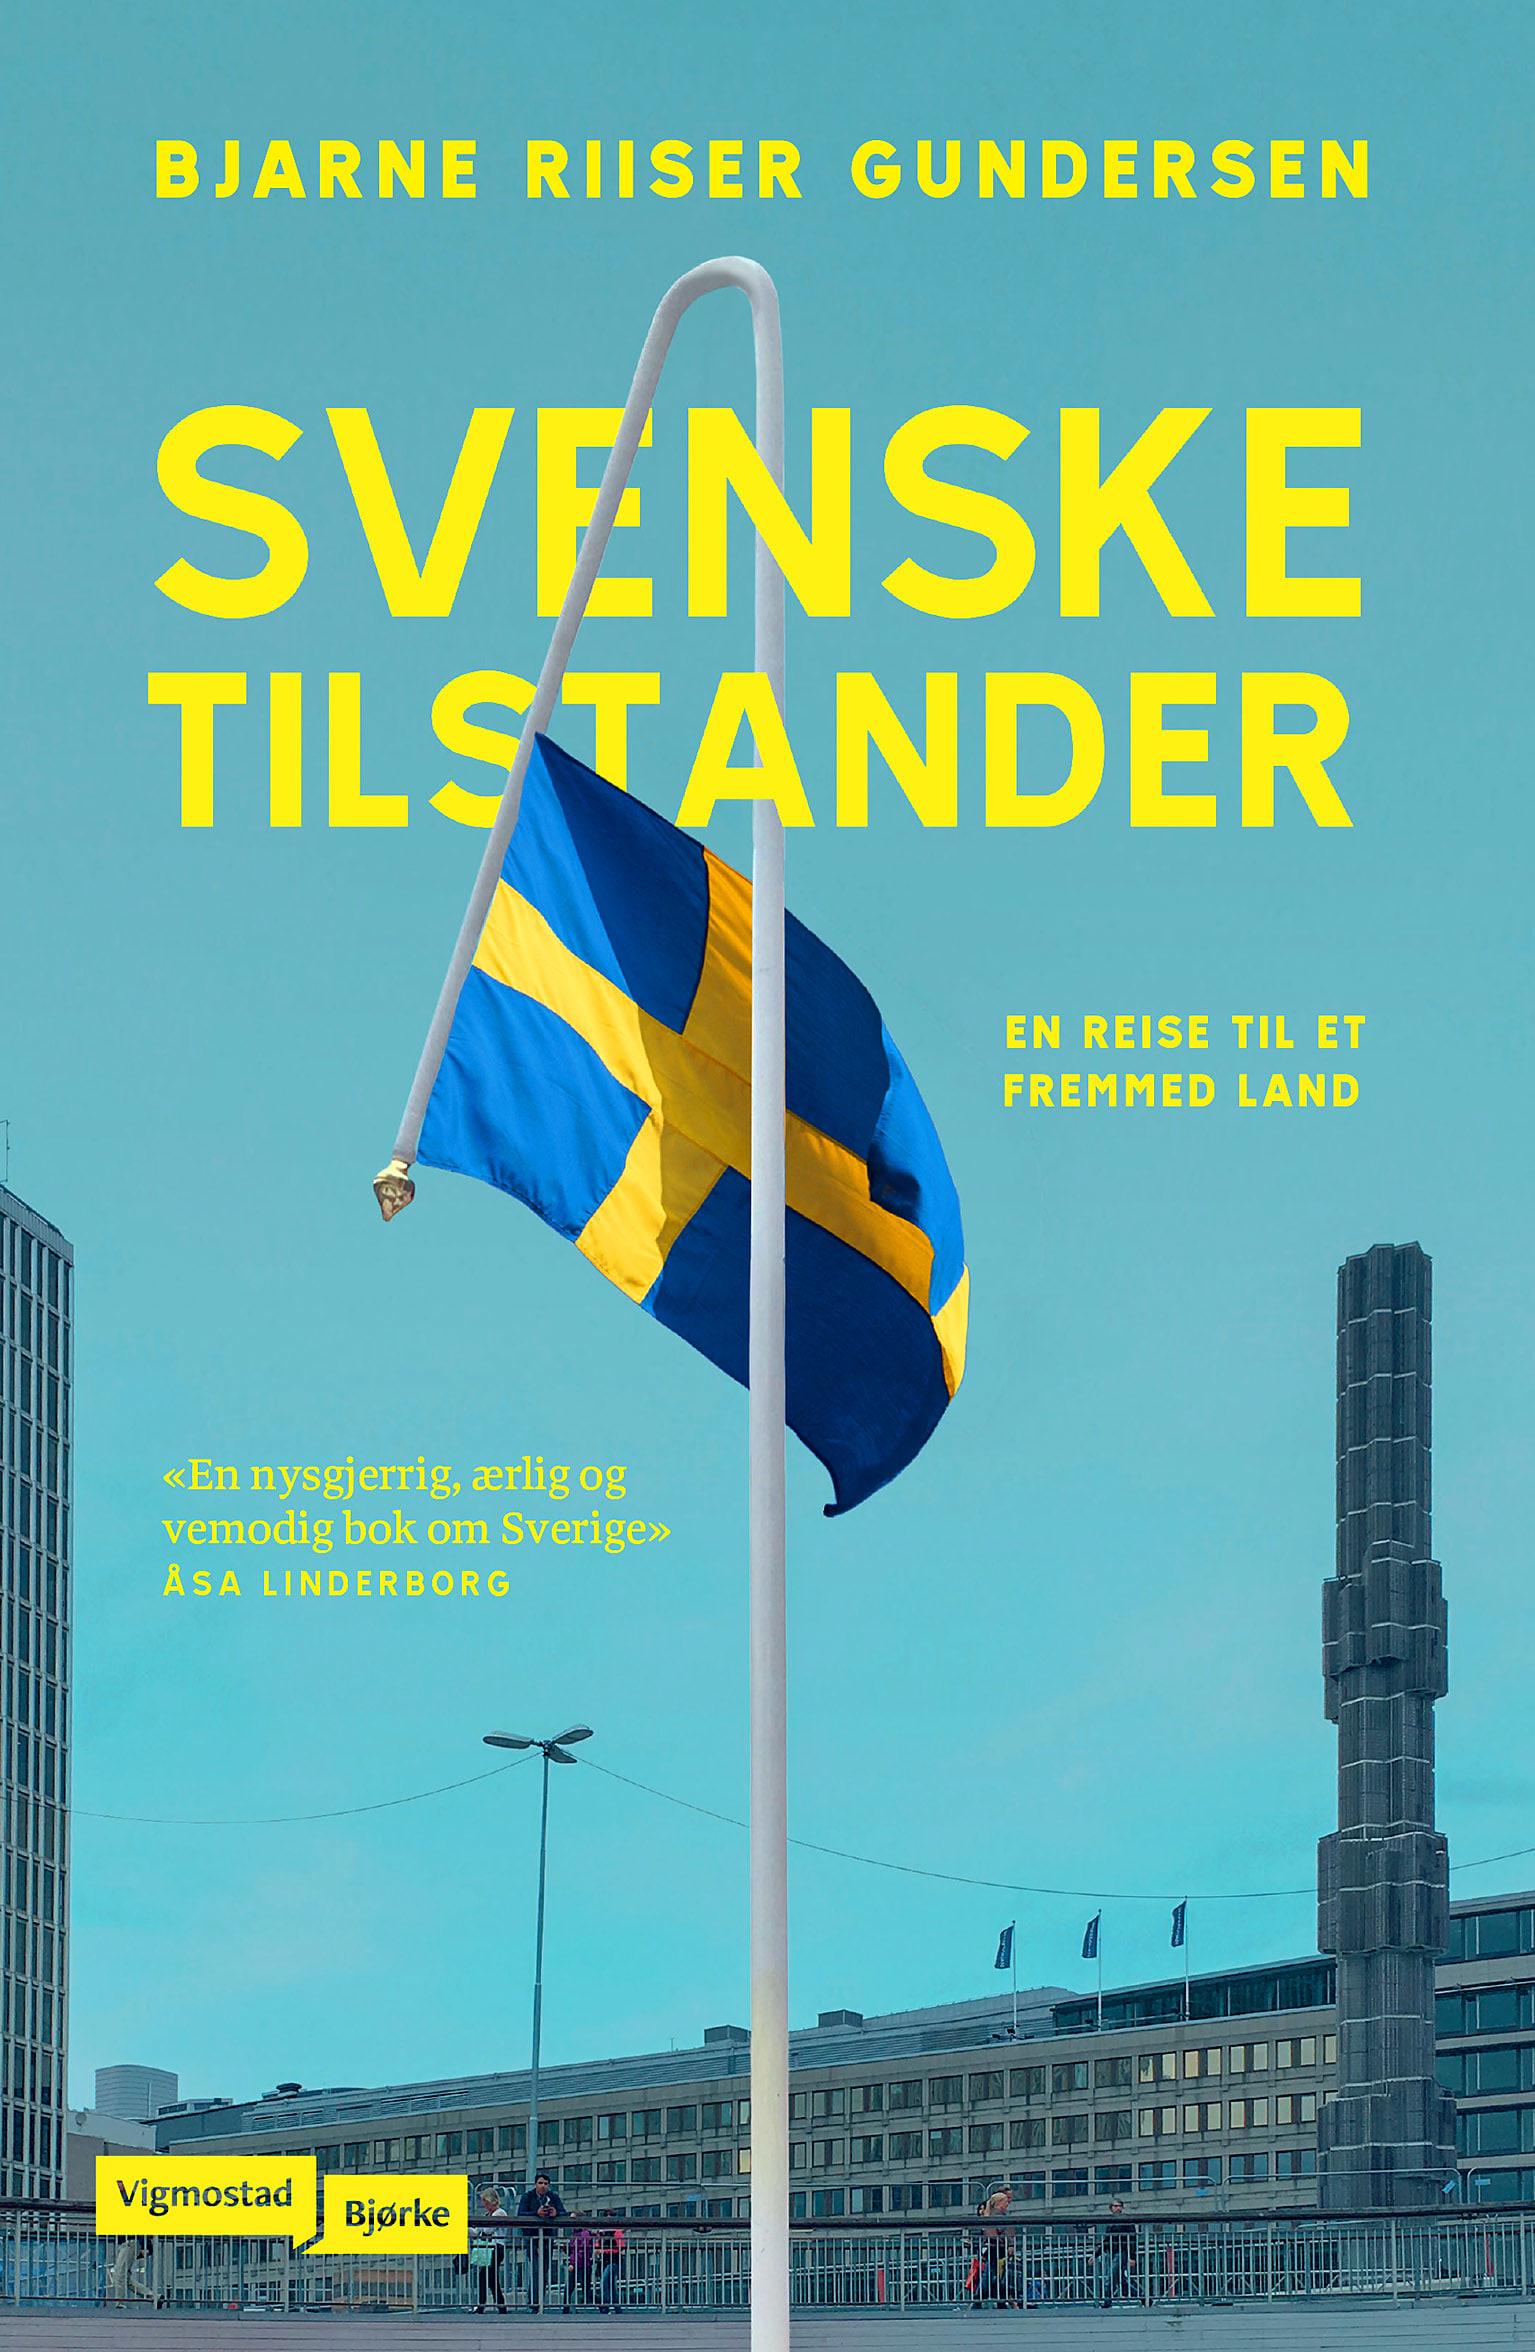 Bjarne Riiser Gundersen har reist til Sverige og funnet et samfunn som i overraskende stor grad har forlatt det fellesskapsorienterte, sosialdemokratiske systemet vi trodde vi hadde til felles. Les mer om    Svenske tilstander    her